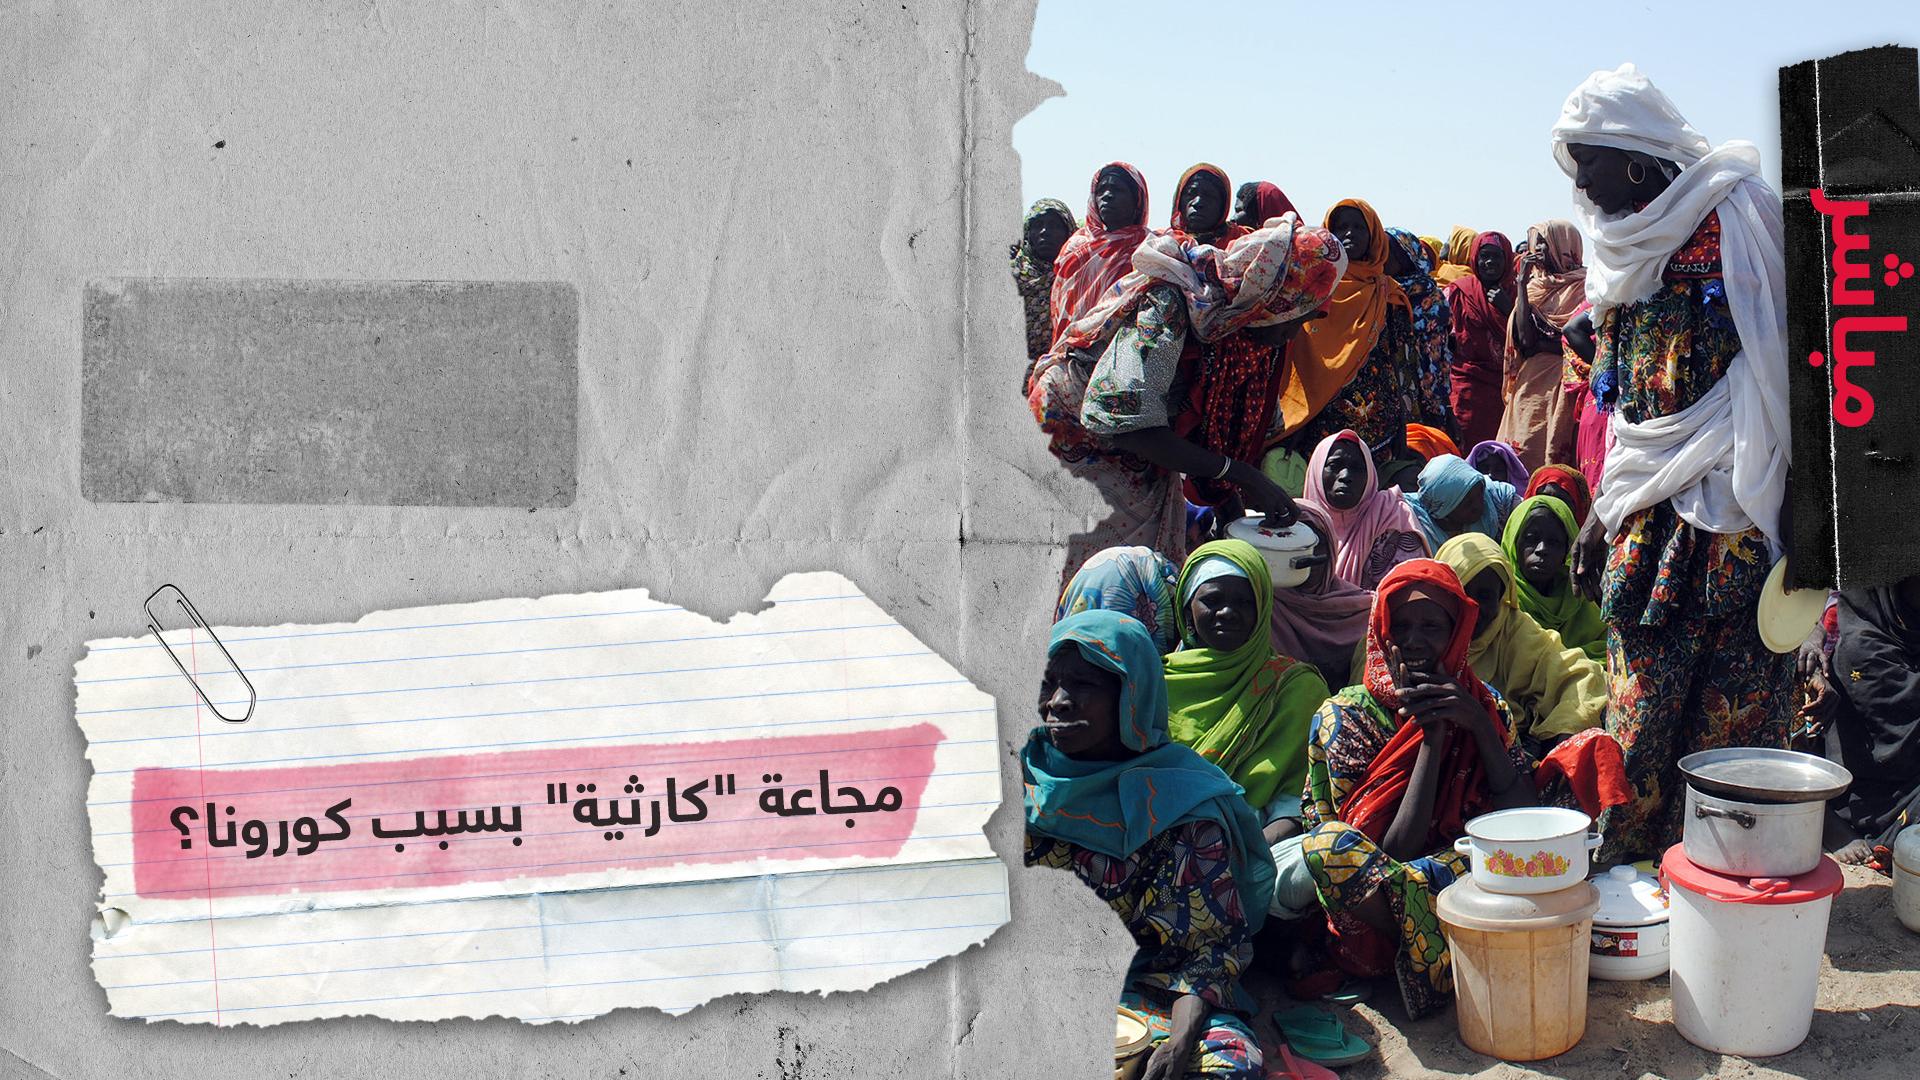 الأمم المتحدة تحذر من كارثة إنسانية ومنظمة الصحة تدعو لاتحاد العالم